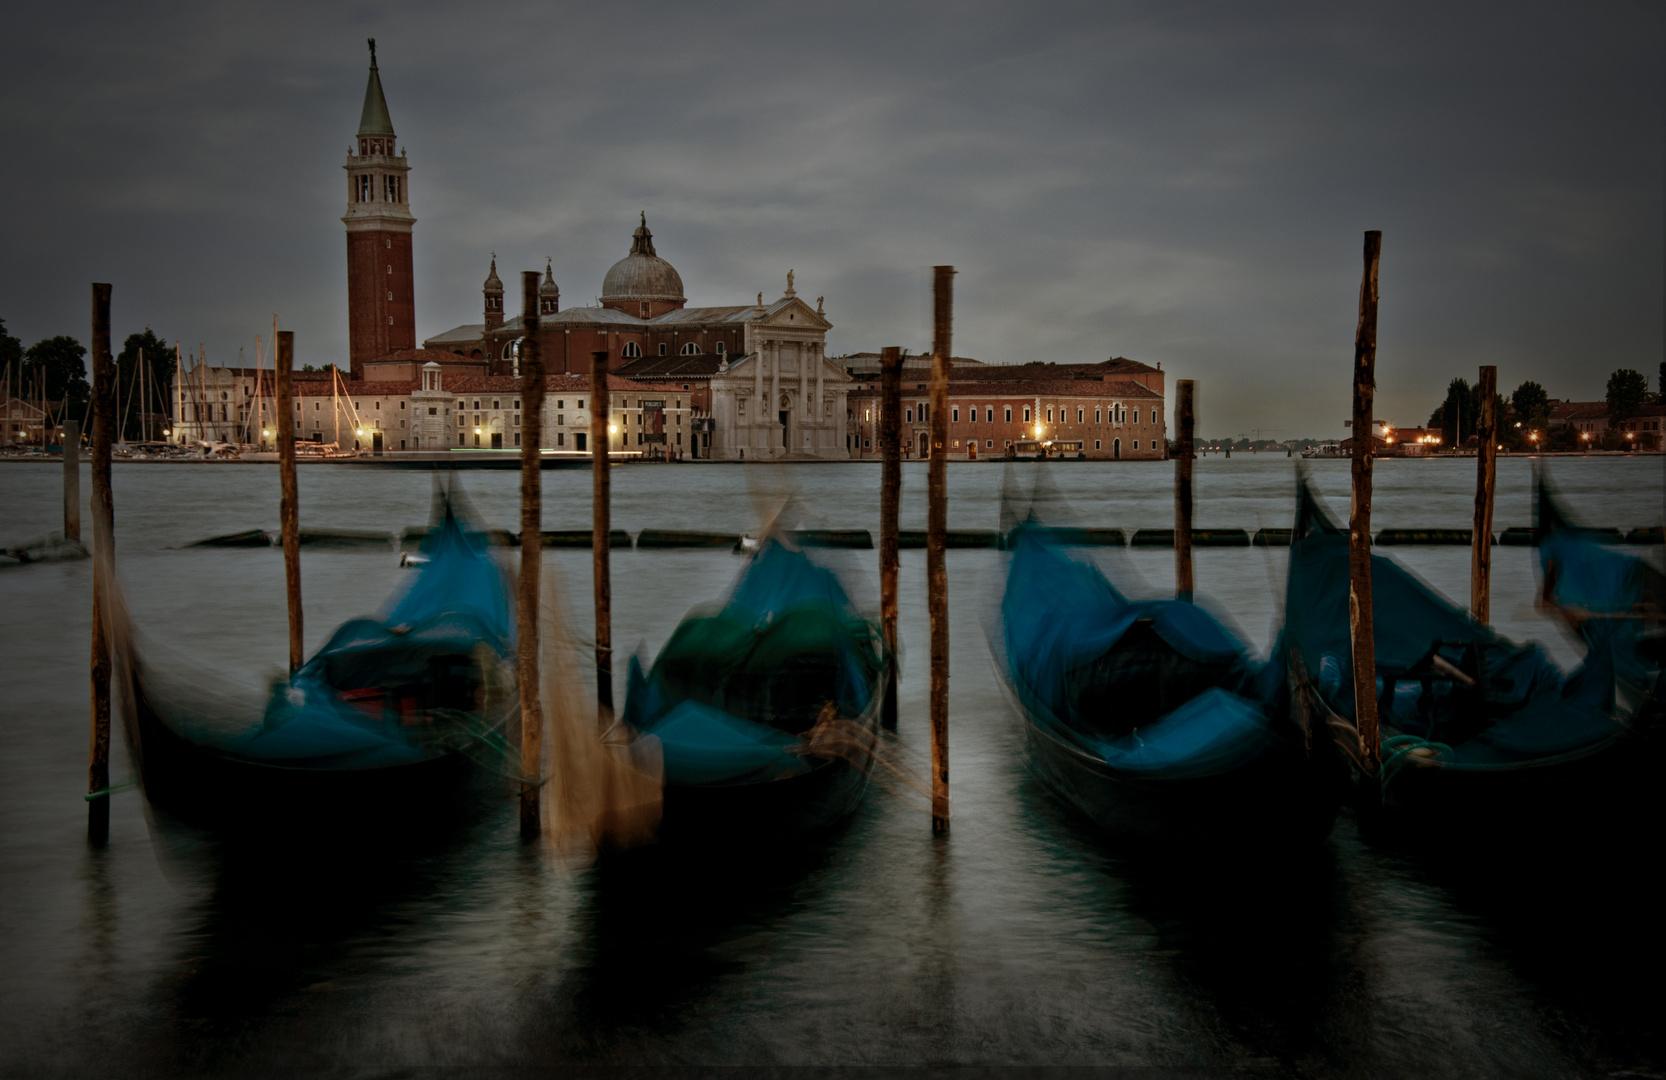 Venedig in der Nacht